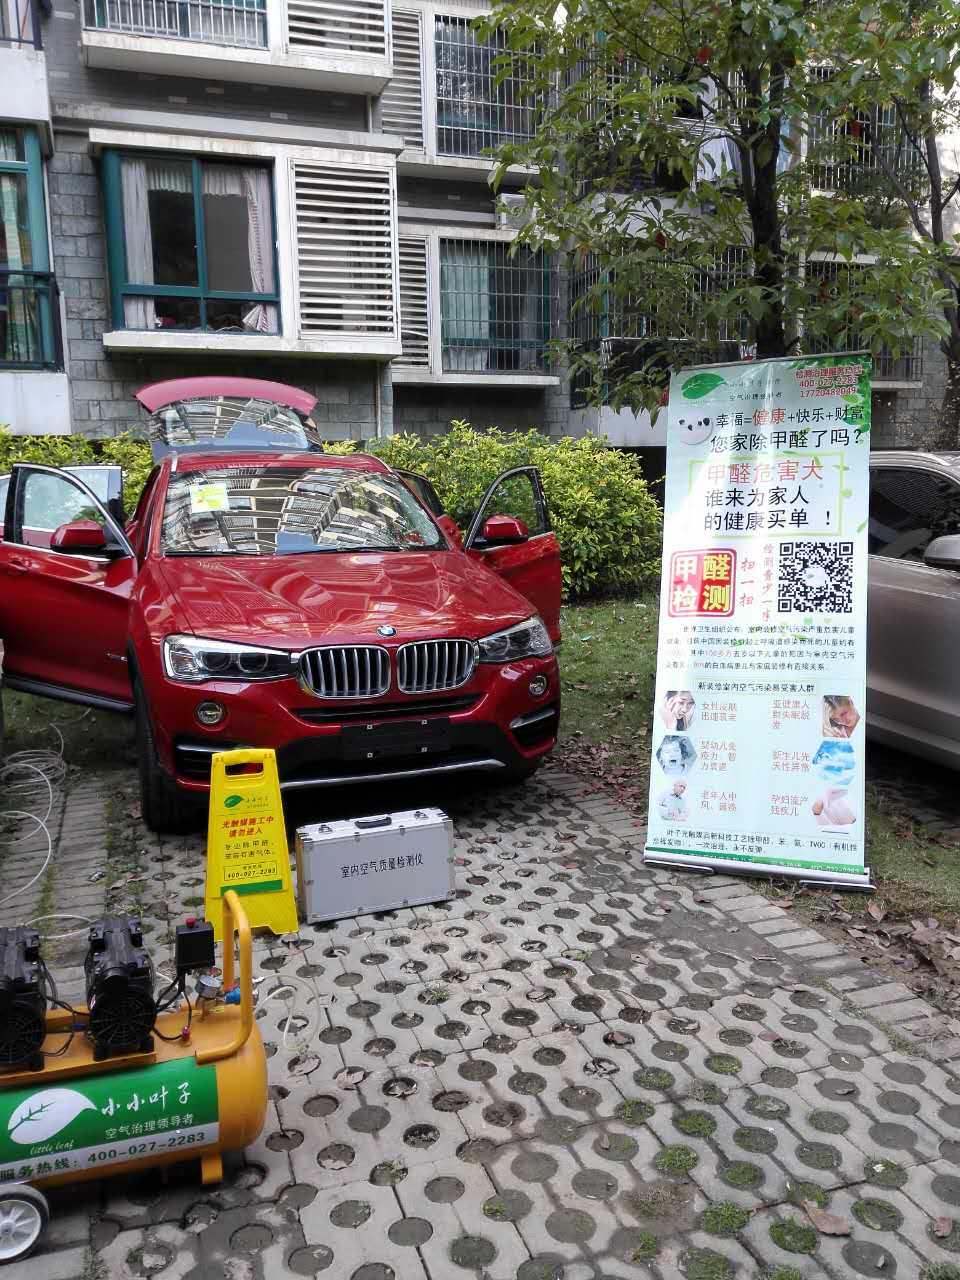 要想汽车新车除甲醛除异味服务优良,就来小小叶子环保 专业车内除异味